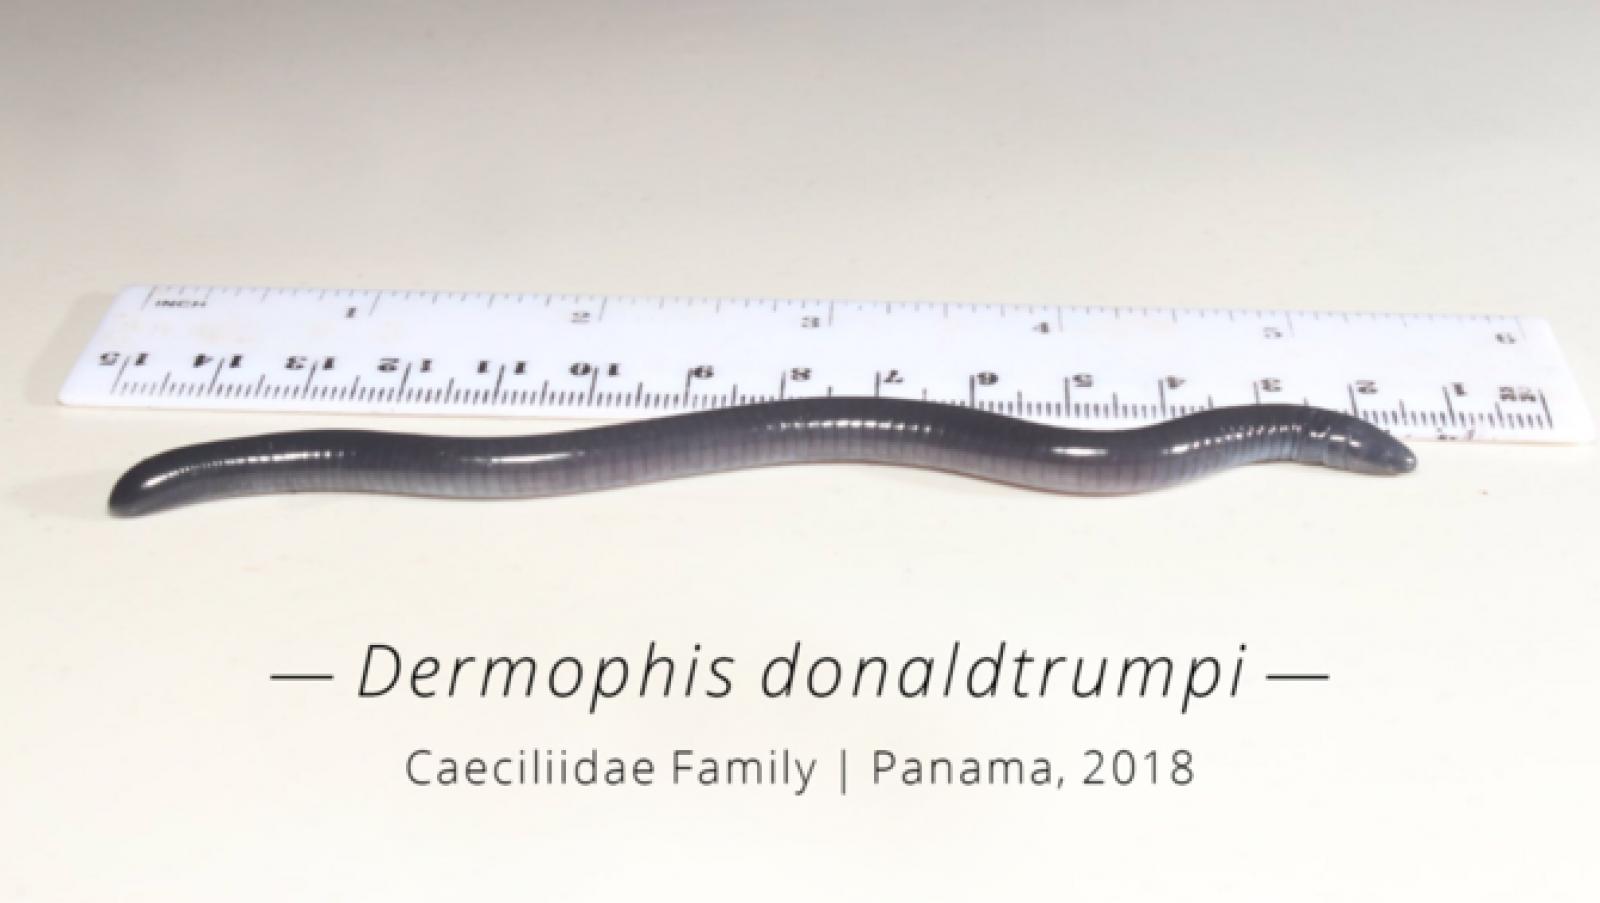 Exemplar de Demorphis donaldtrumpi